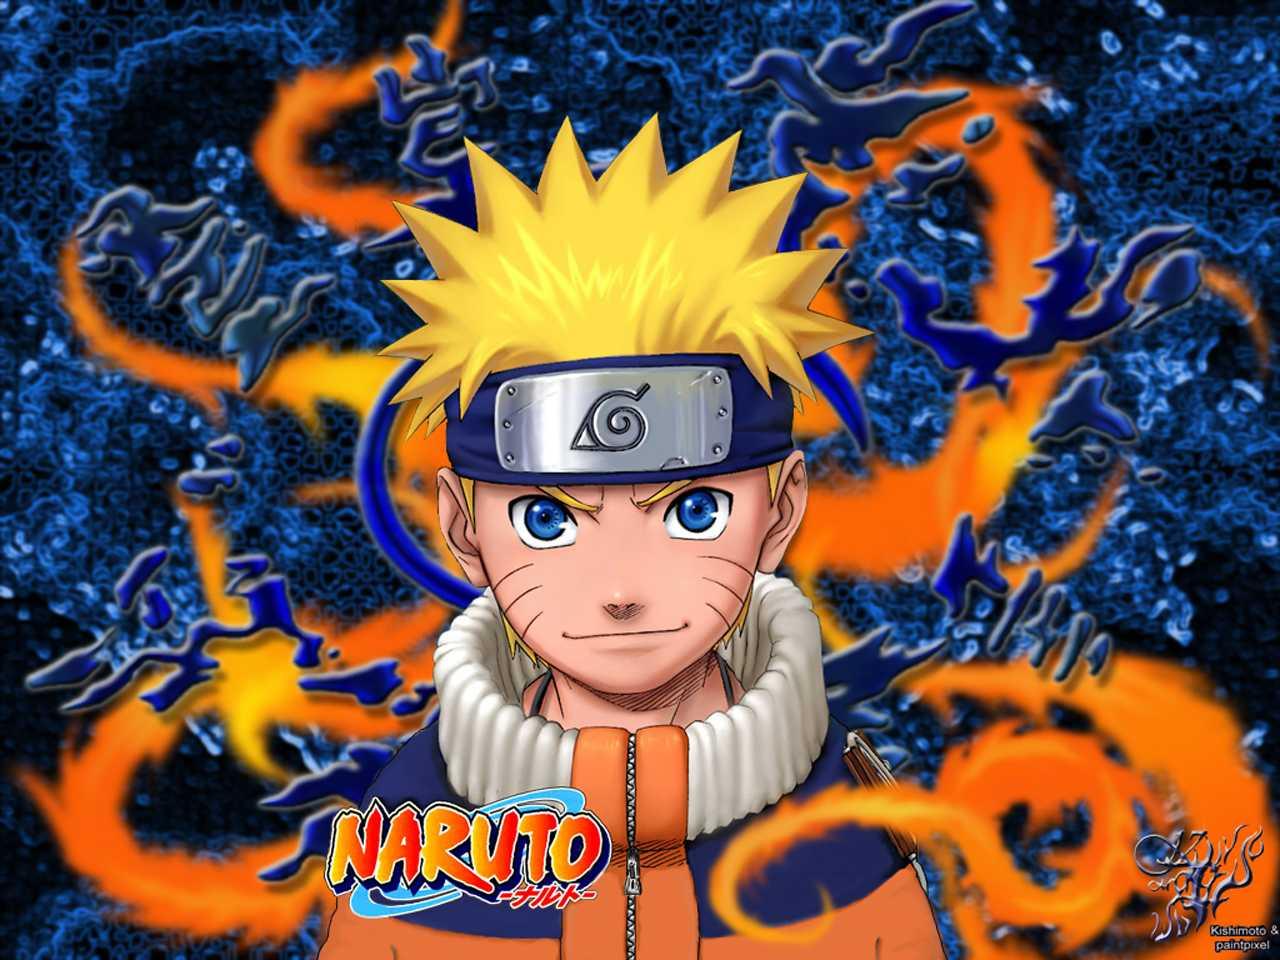 Anime Naruto Kyuubi Naruto Shippuden Wallpapers Naruto Shippuden 1280x960